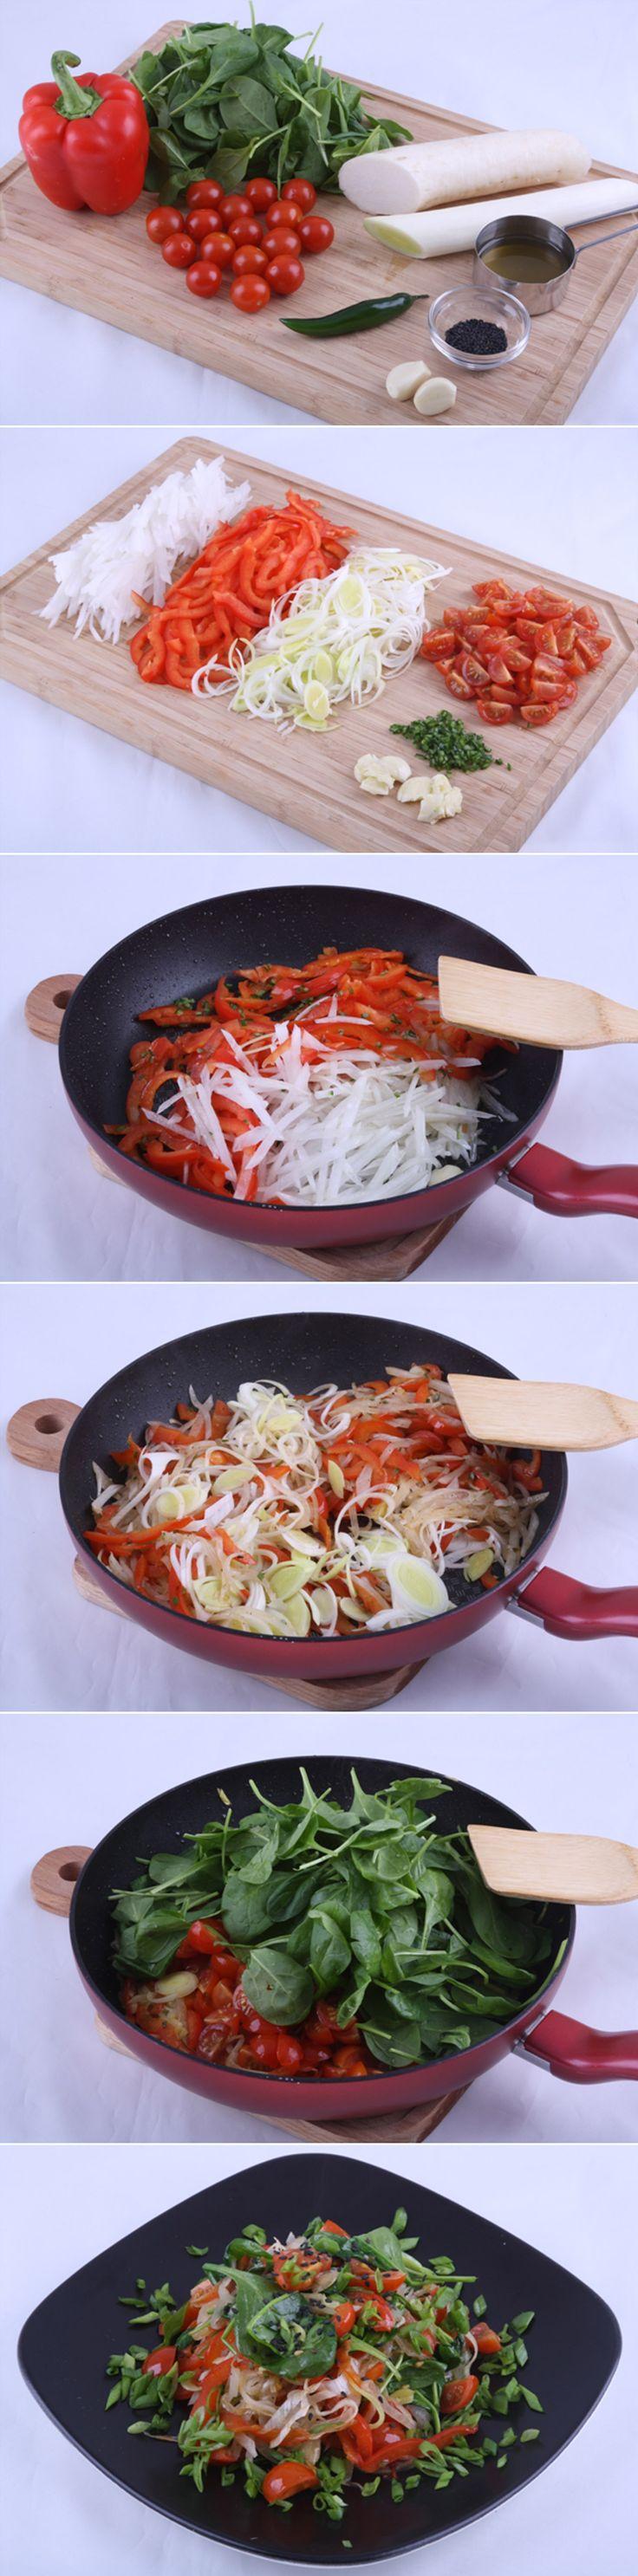 Пикантная вегетарианская горячая закуска из дайкона. Свежая и пикантная горячая закуска из редиса сорта дайкон. Очень полезный вегетарианский рецепт азиатской кухни, который готовится очень просто за 20 минут. Ингредиенты и рецепт...http://vk.com/dinnerday; http://instagram.com/dinnerday #закуска #кулинария #дайкон #редис #вегетарианское #еда #овощи #рецепт #dinnerday #food #cook #recipe #daikon #cookery #radishes #vegetables #vegetarian